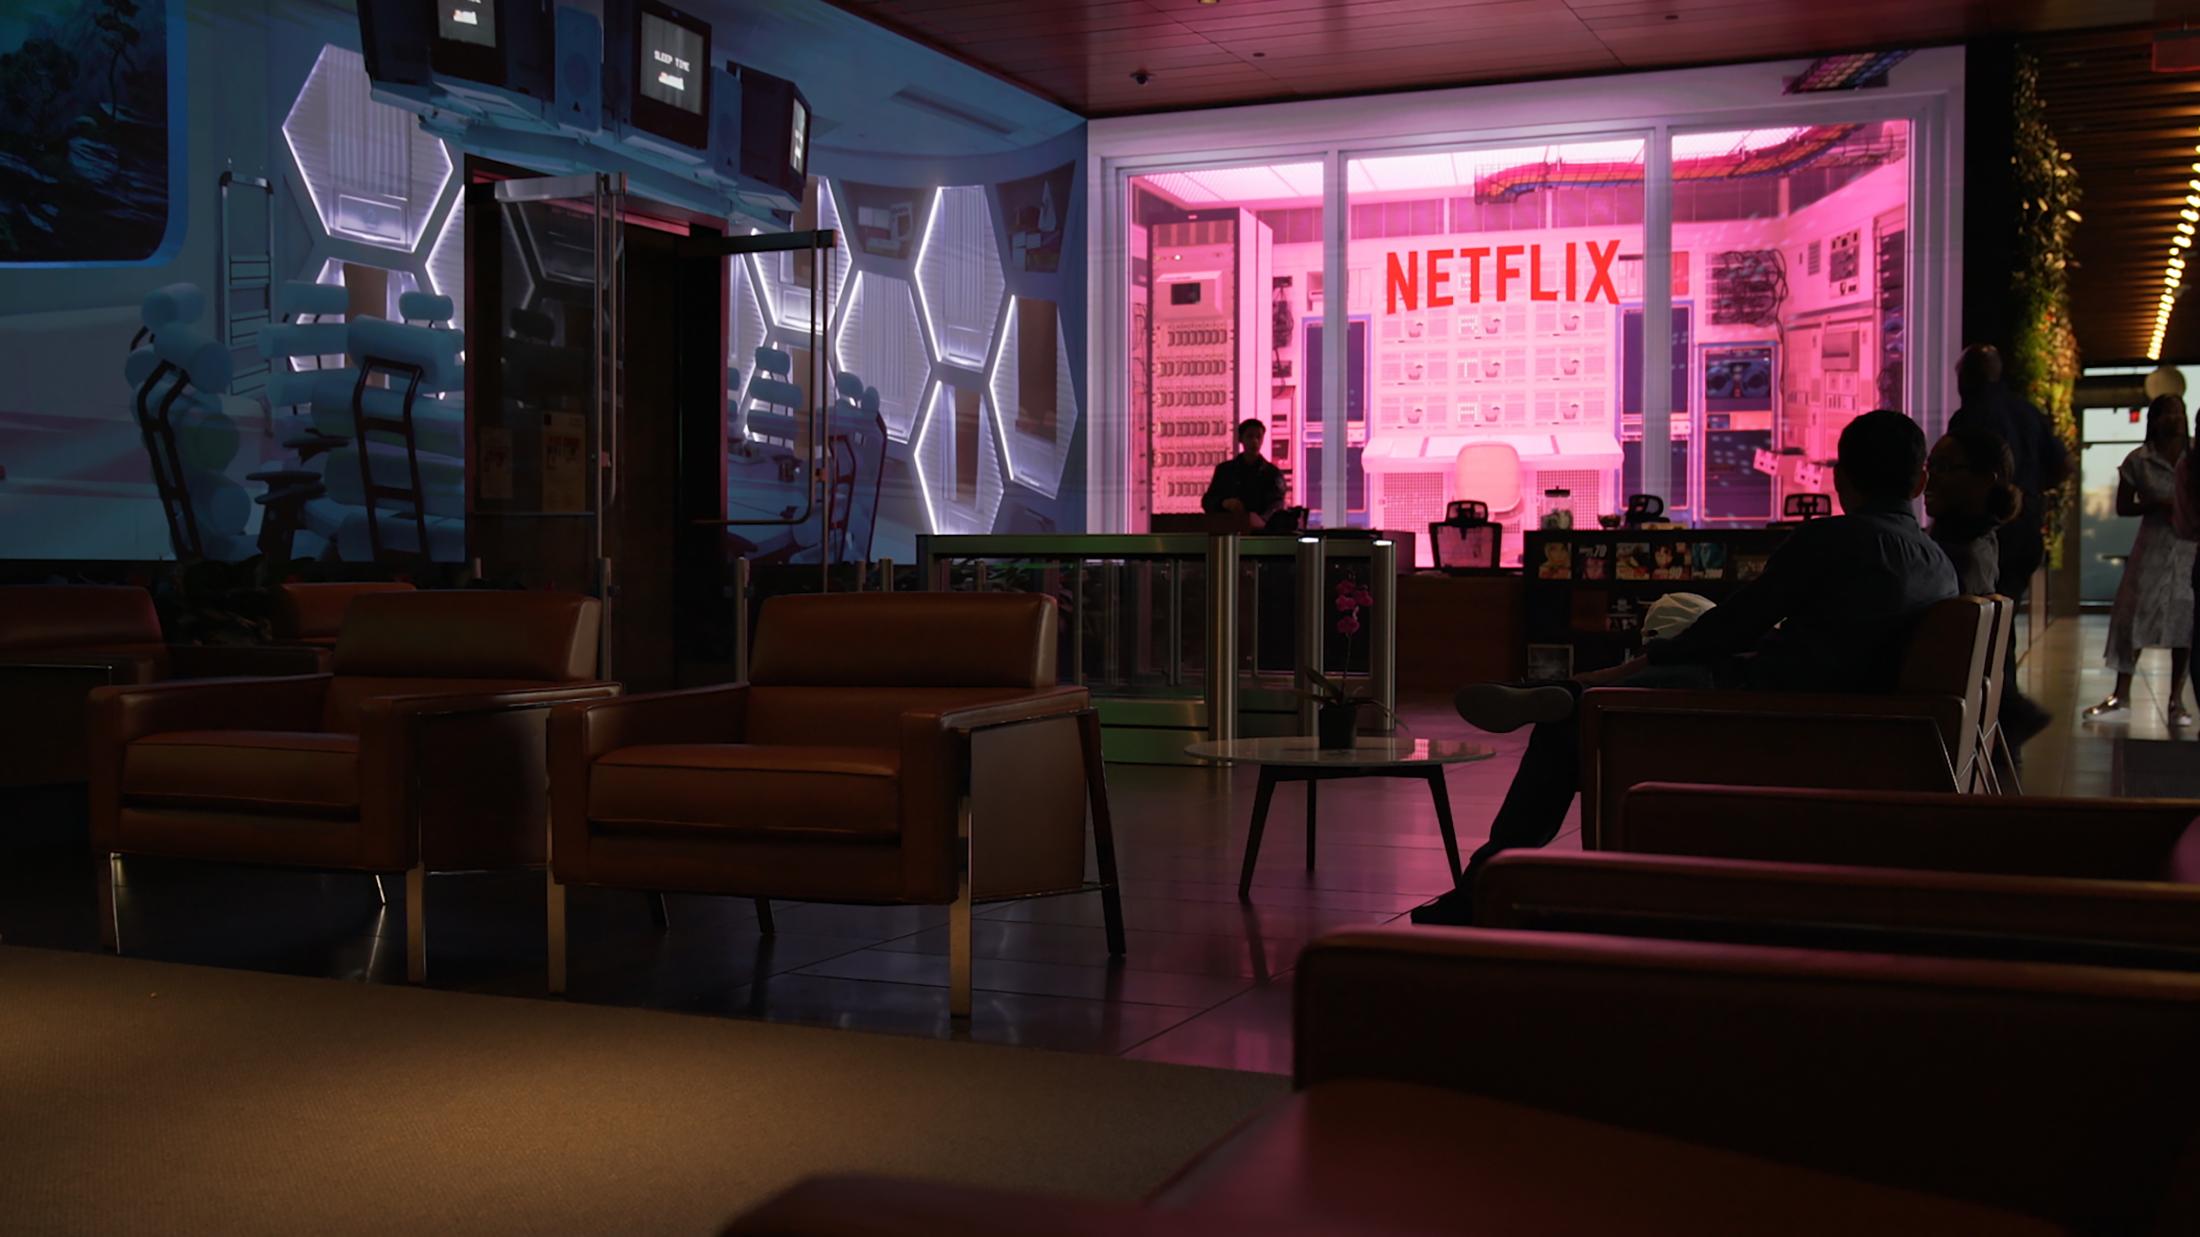 Thumbnail for Netflix Lobby